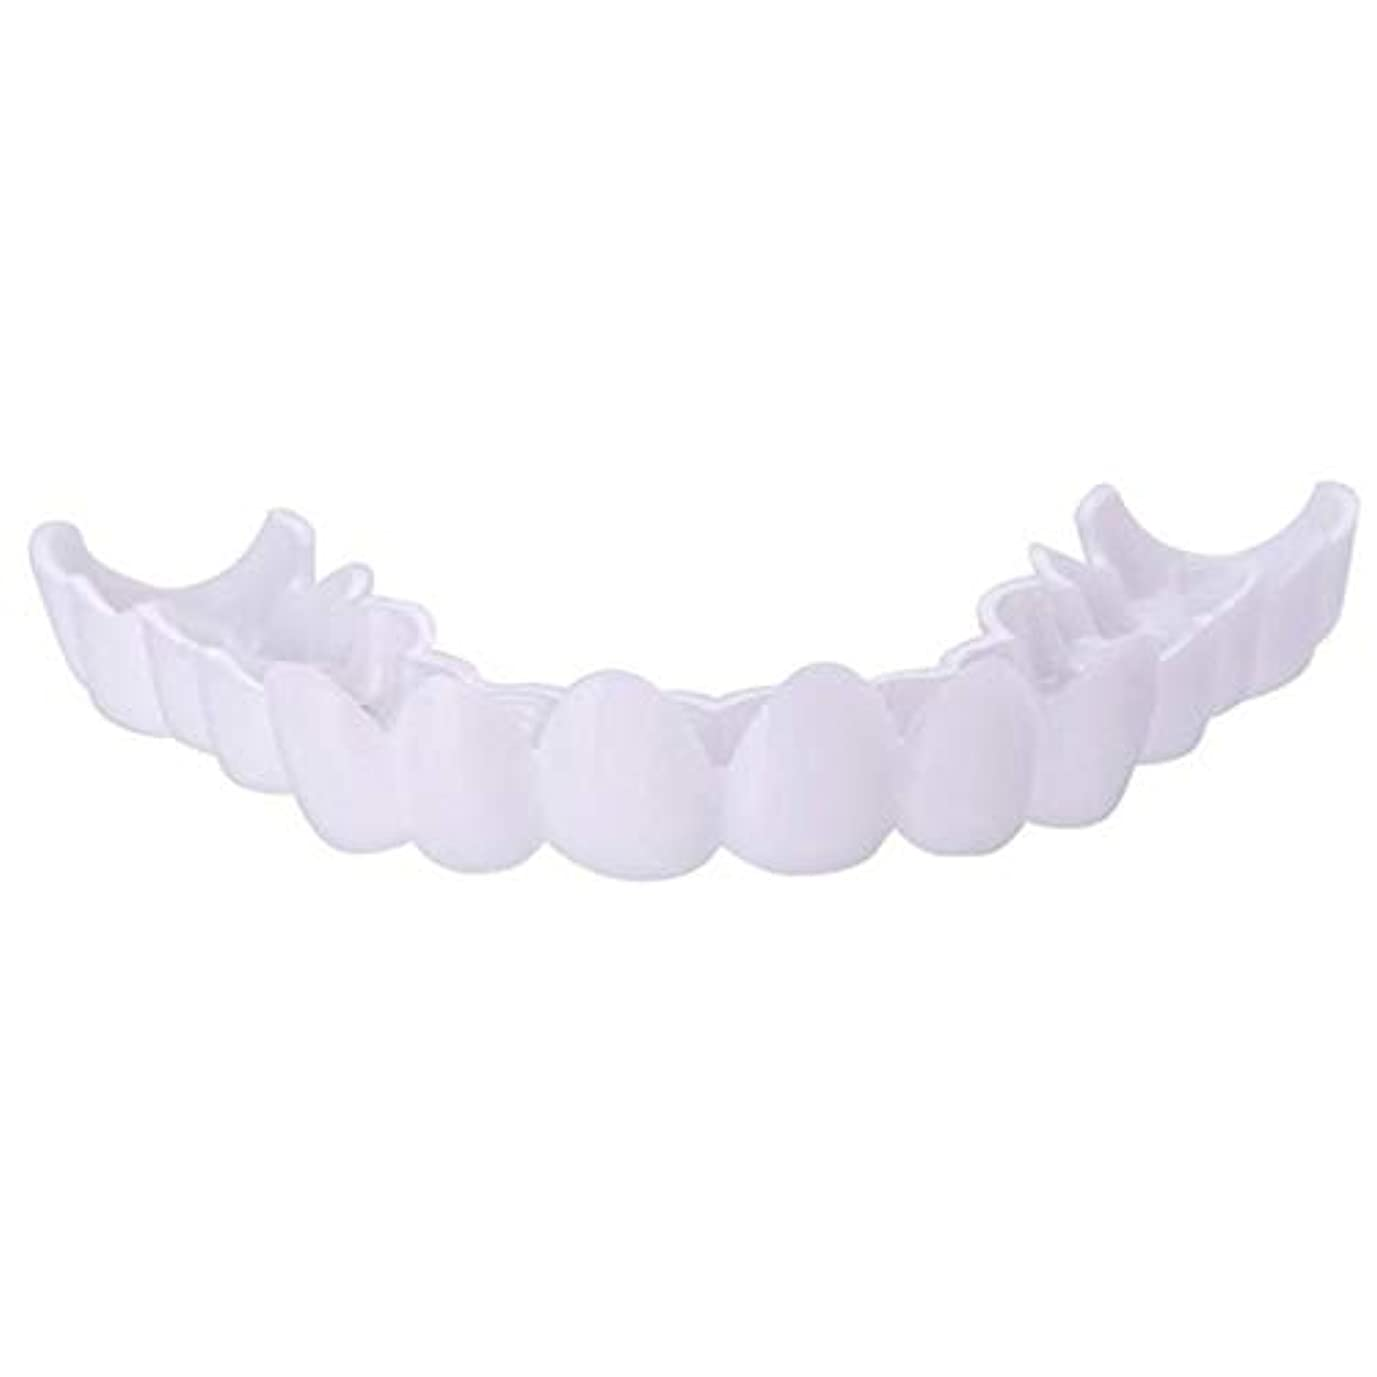 瞑想するグリット火山学シリコーンシミュレーション歯科用義歯スリーブ、上歯のホワイトニング,A